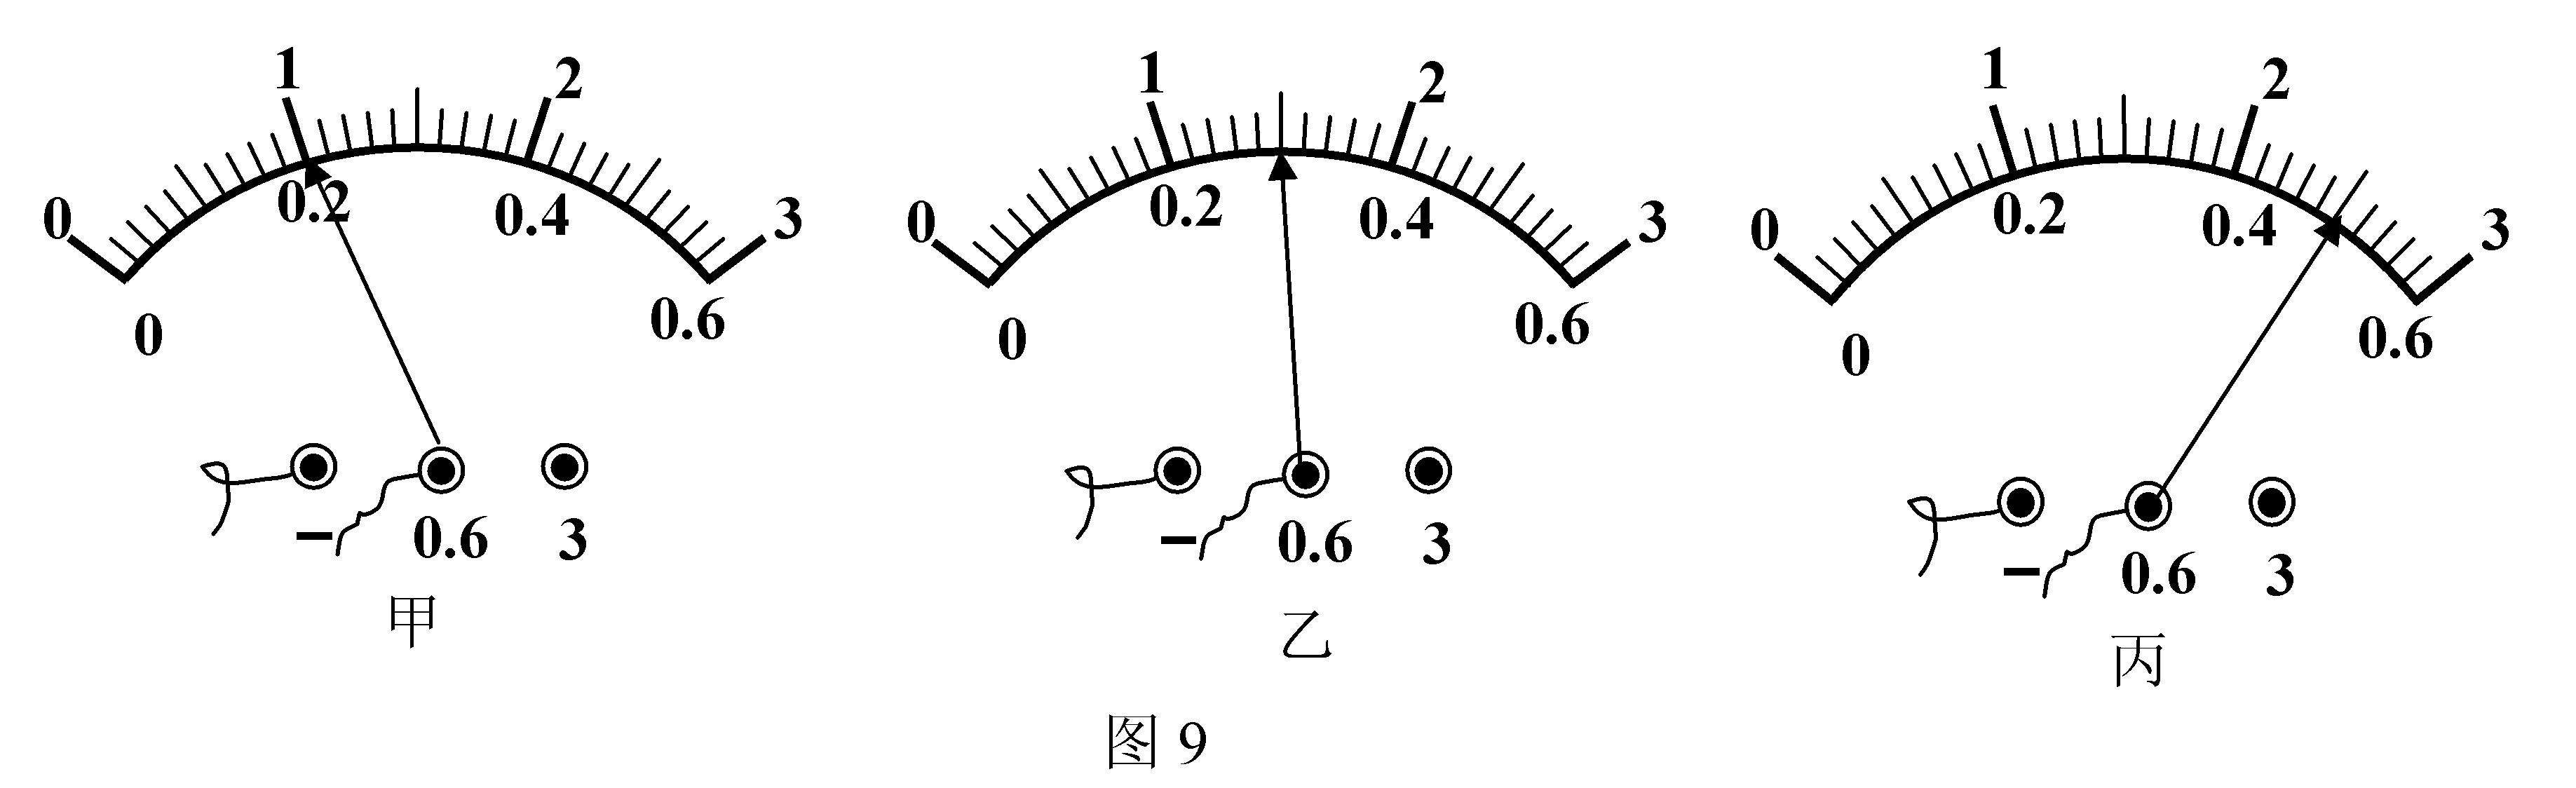 小强同学为探究并联电路中的电流关系,设计了如图所示的电路.  (1)小强同学的电路有一处错误,请你指出这处错误. (2)在改正错误后,把电流表分别放在a、b、c三处测电流,其读数分别如图9甲、乙、丙所示,请你帮小强设计一个记录实验数据的表格,并将数据填入你设计的表格中.  (3)分别用I